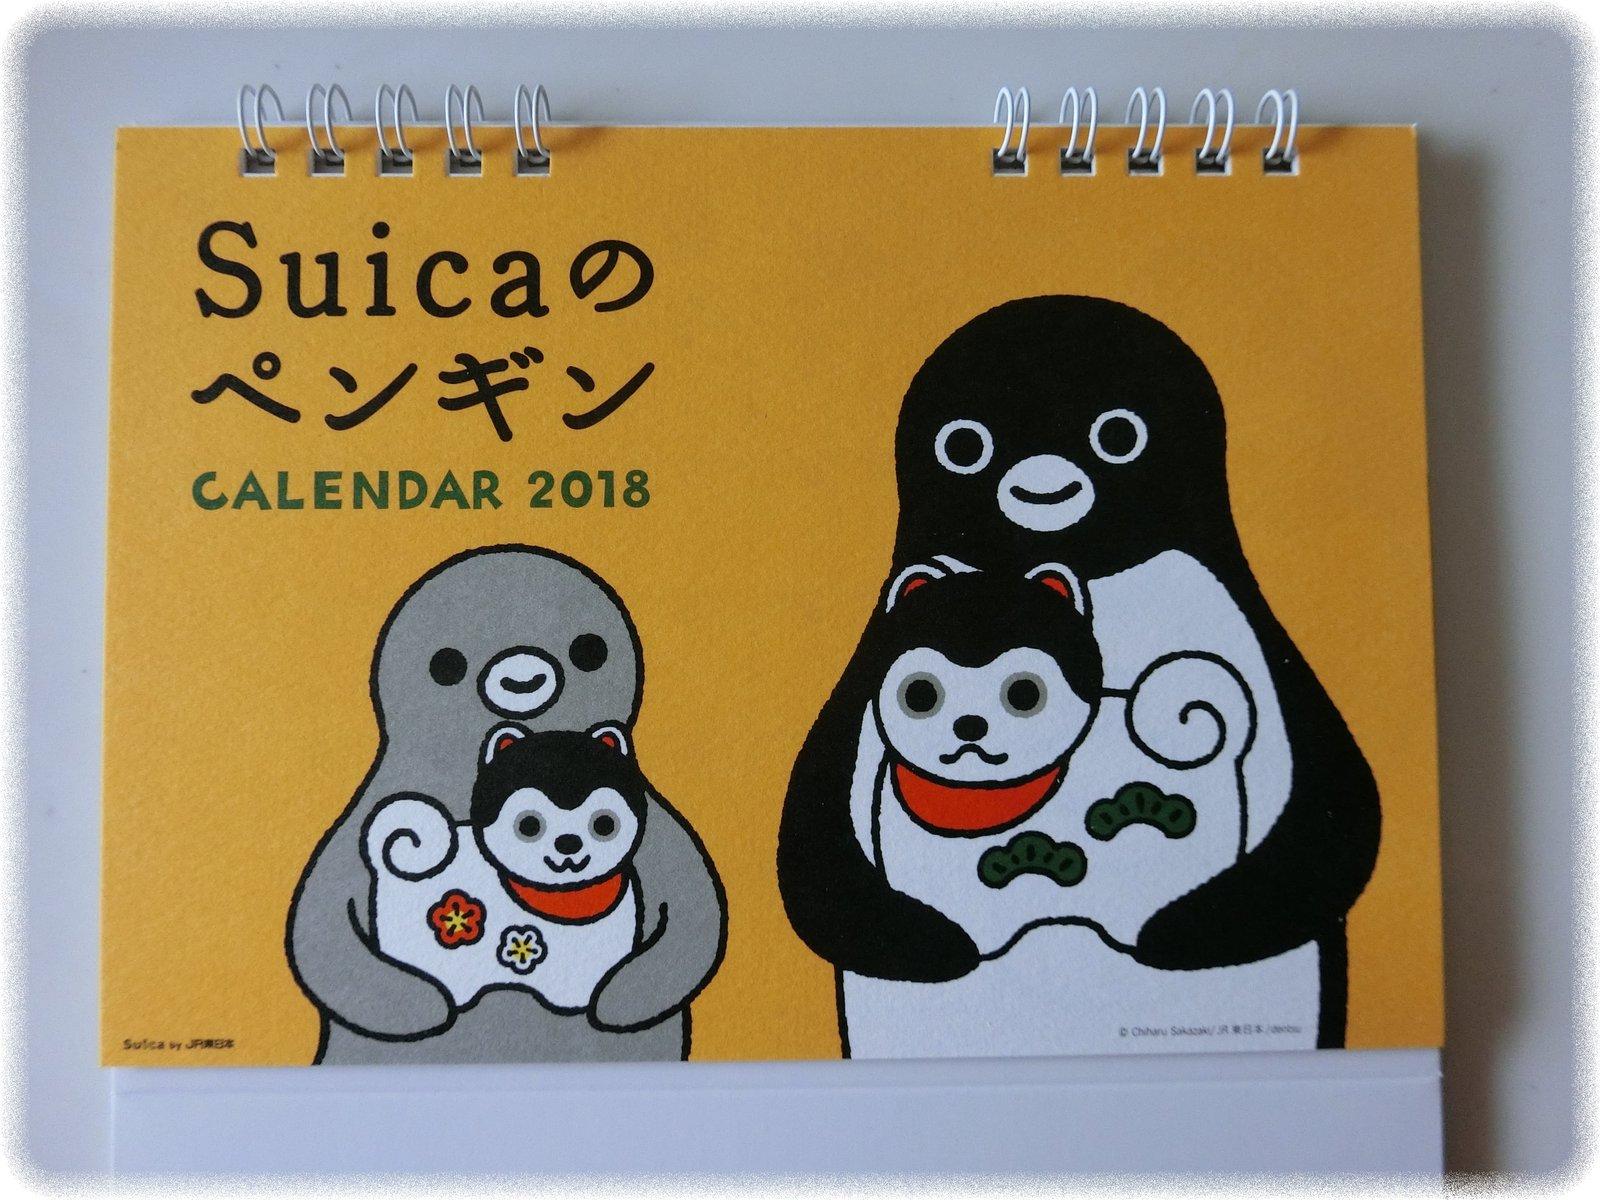 Suicaのペンギン2018年カレンダーがやっぱりカワイイ sava